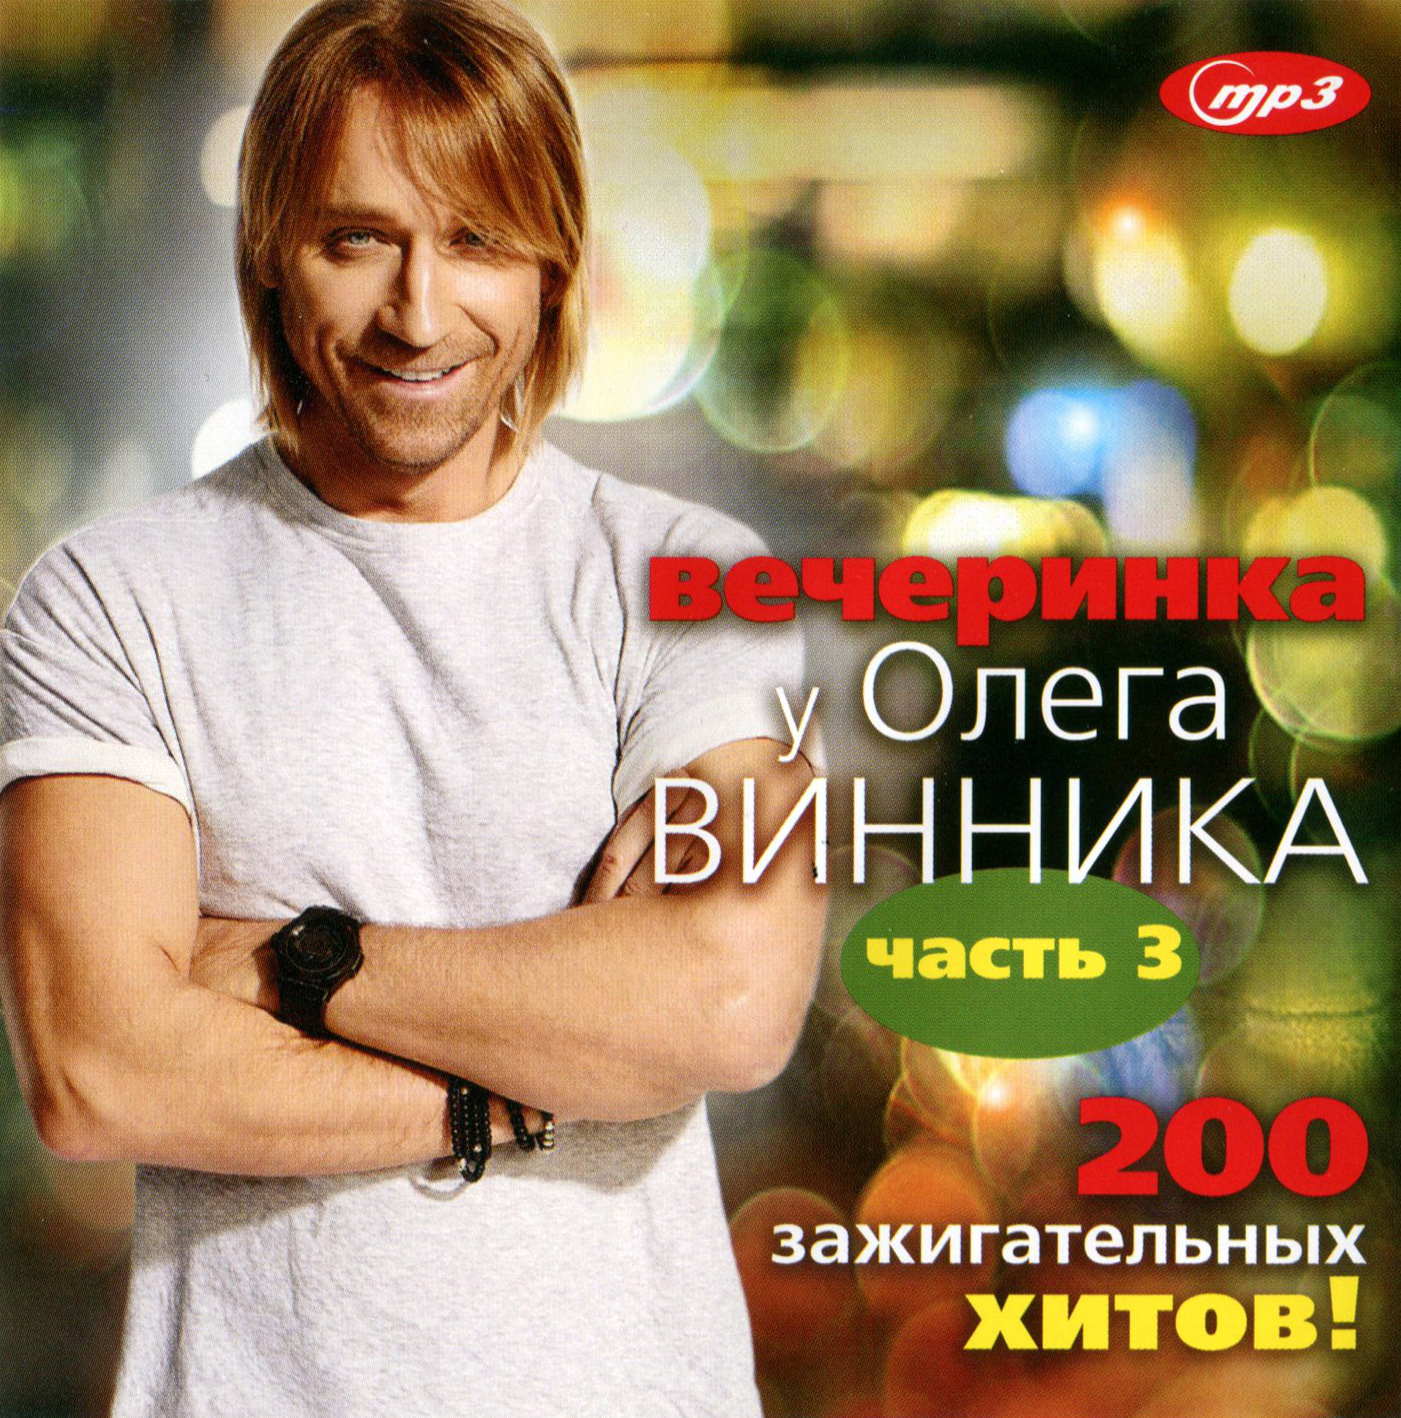 Вечеринка у Олега Винника - 200 зажигательных хитов! [mp3]